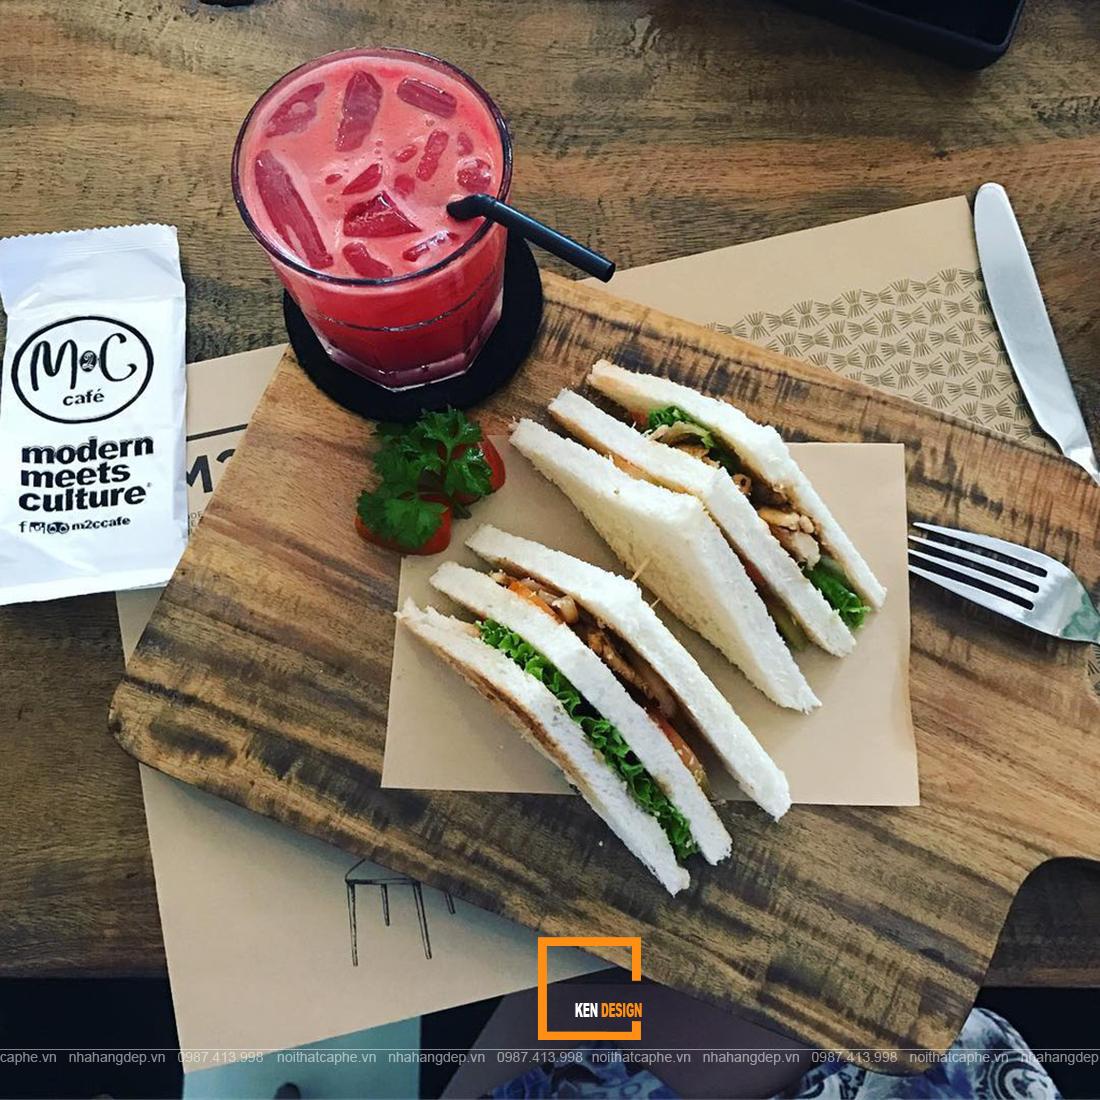 Bí quyết thiết kế quán cafe kết hợp đồ ăn nhanh thu hút